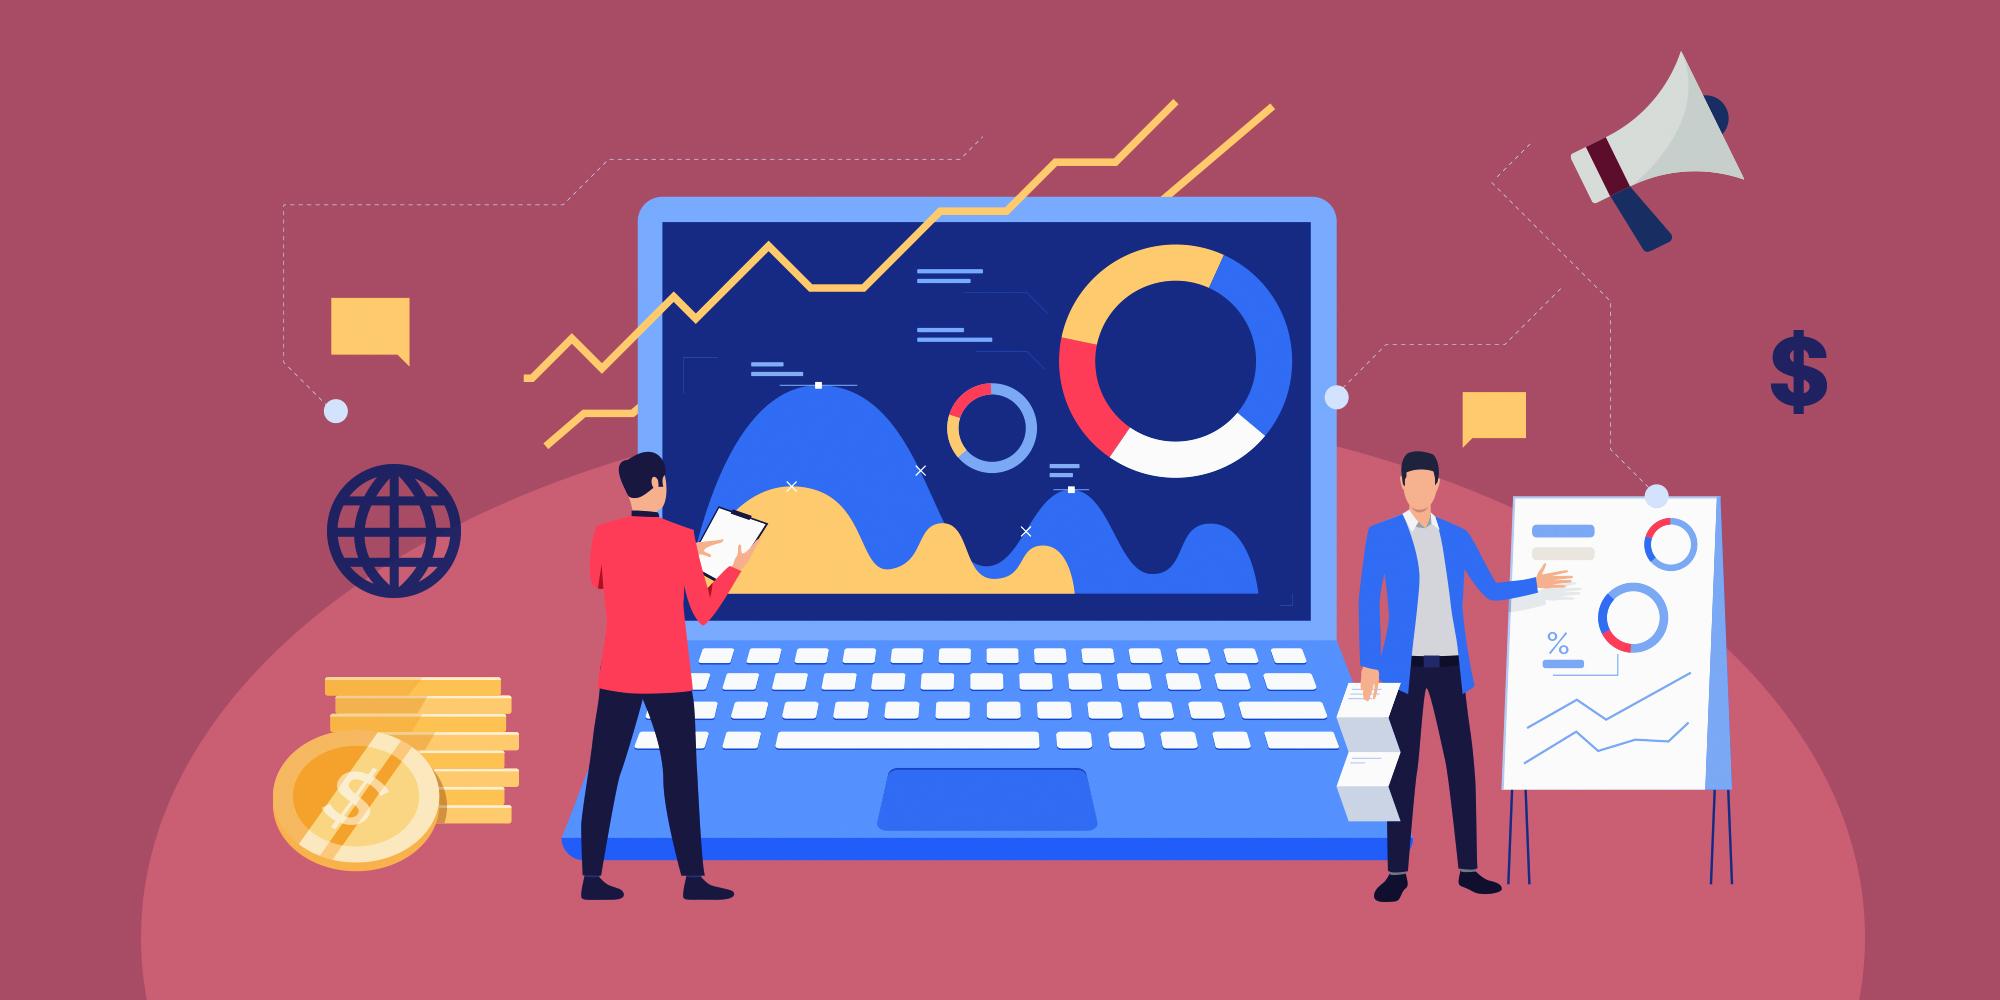 مهارت فروش برای دیجیتال مارکترها